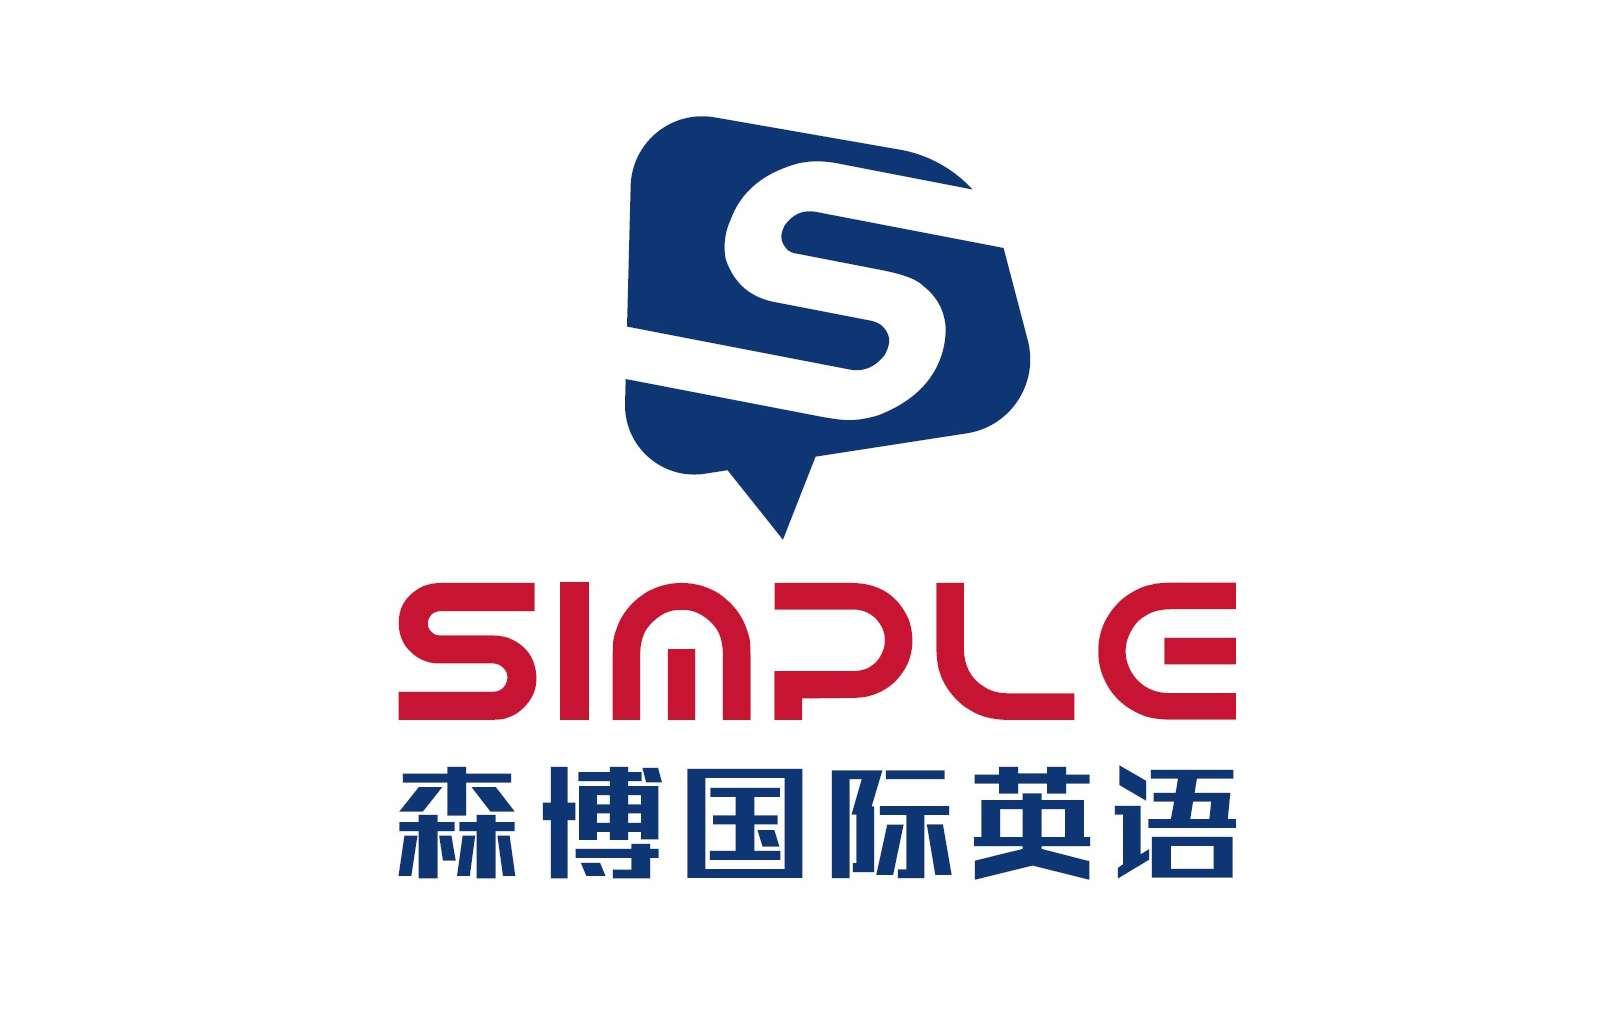 重庆零基础英语专业培训